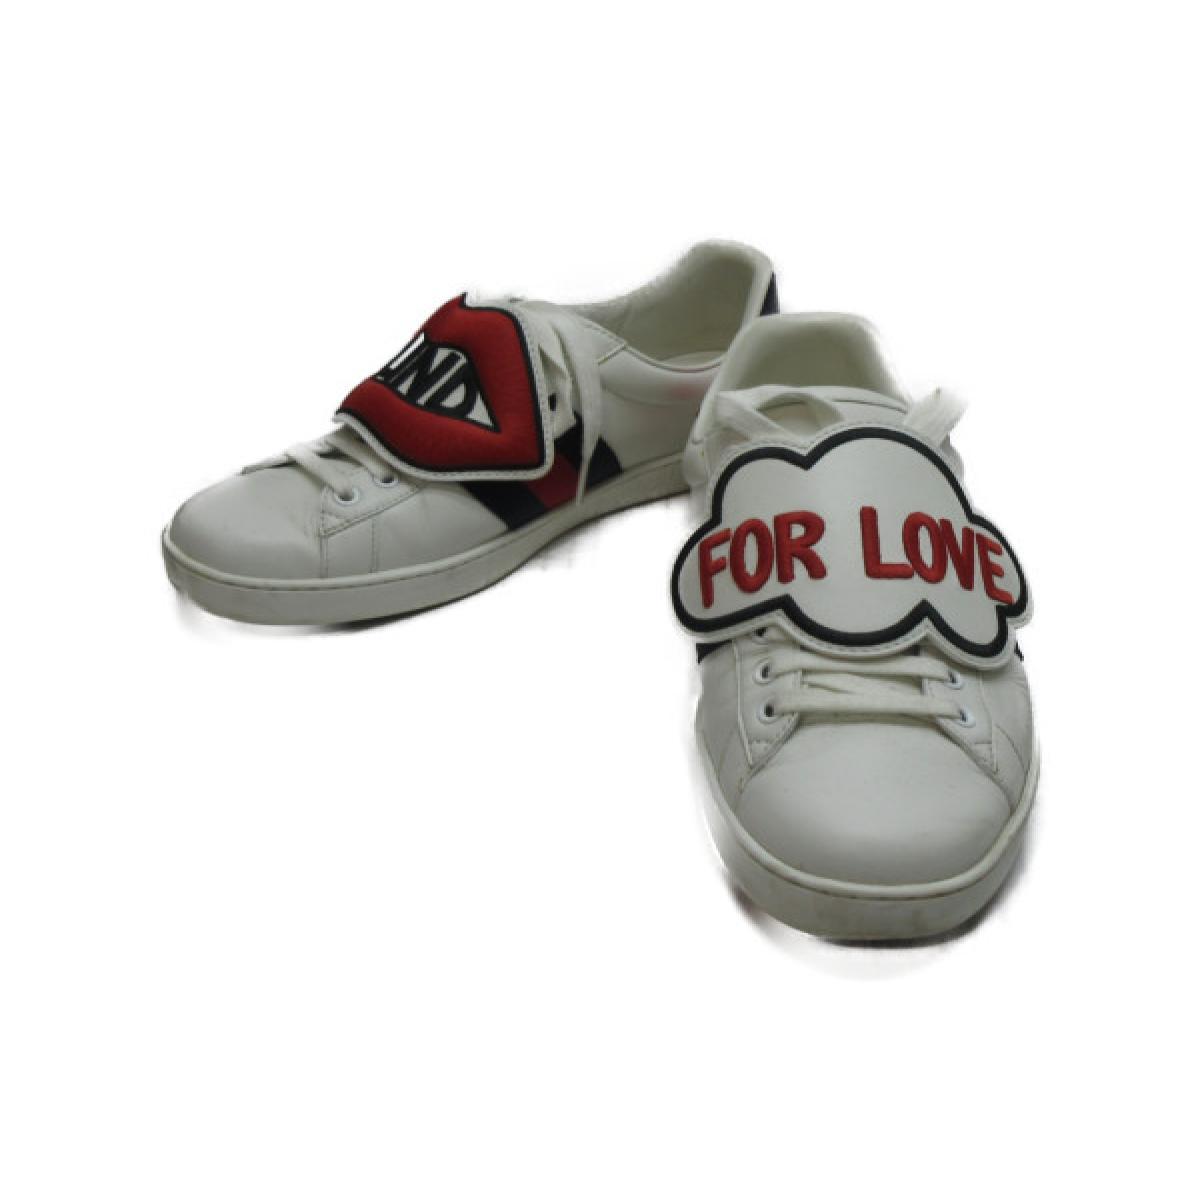 【中古】 グッチ スニーカー メンズ レザー | GUCCI くつ 靴 スニーカー 美品 ブランドオフ